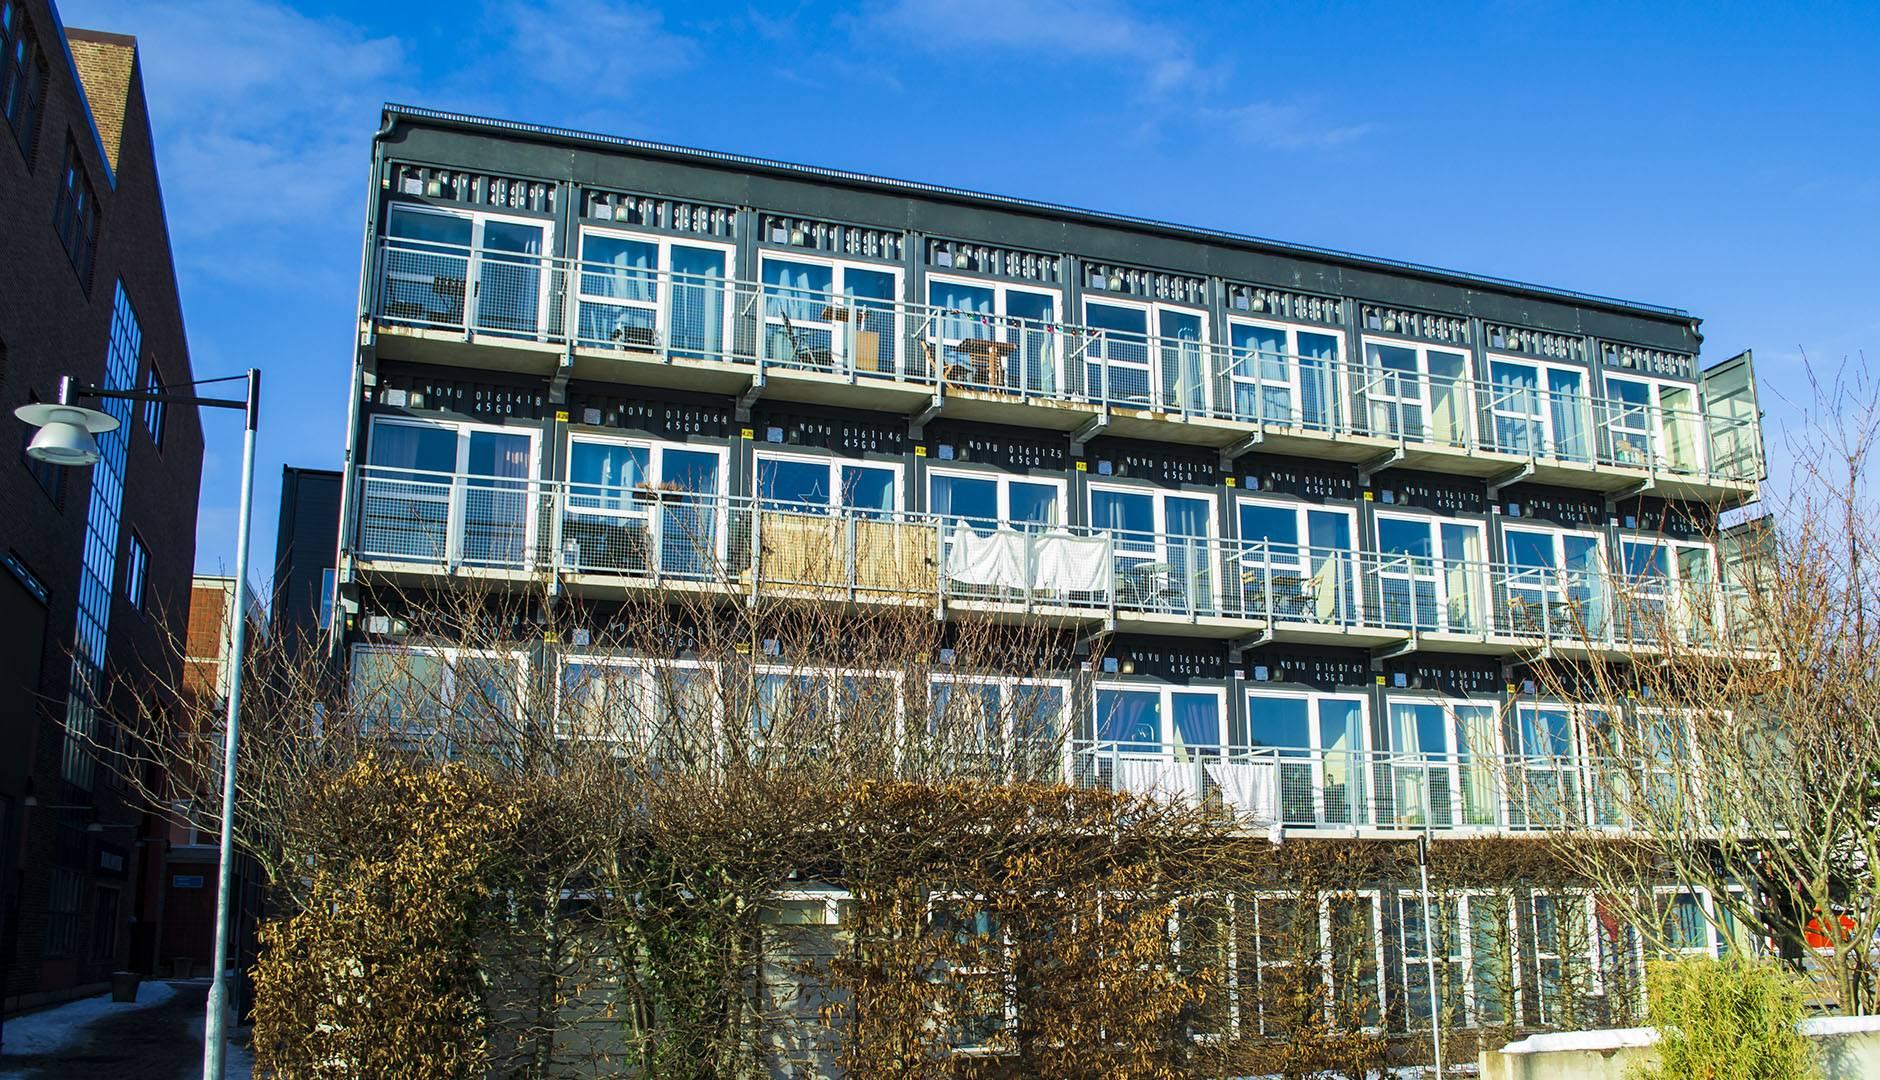 Student living at lindholmen